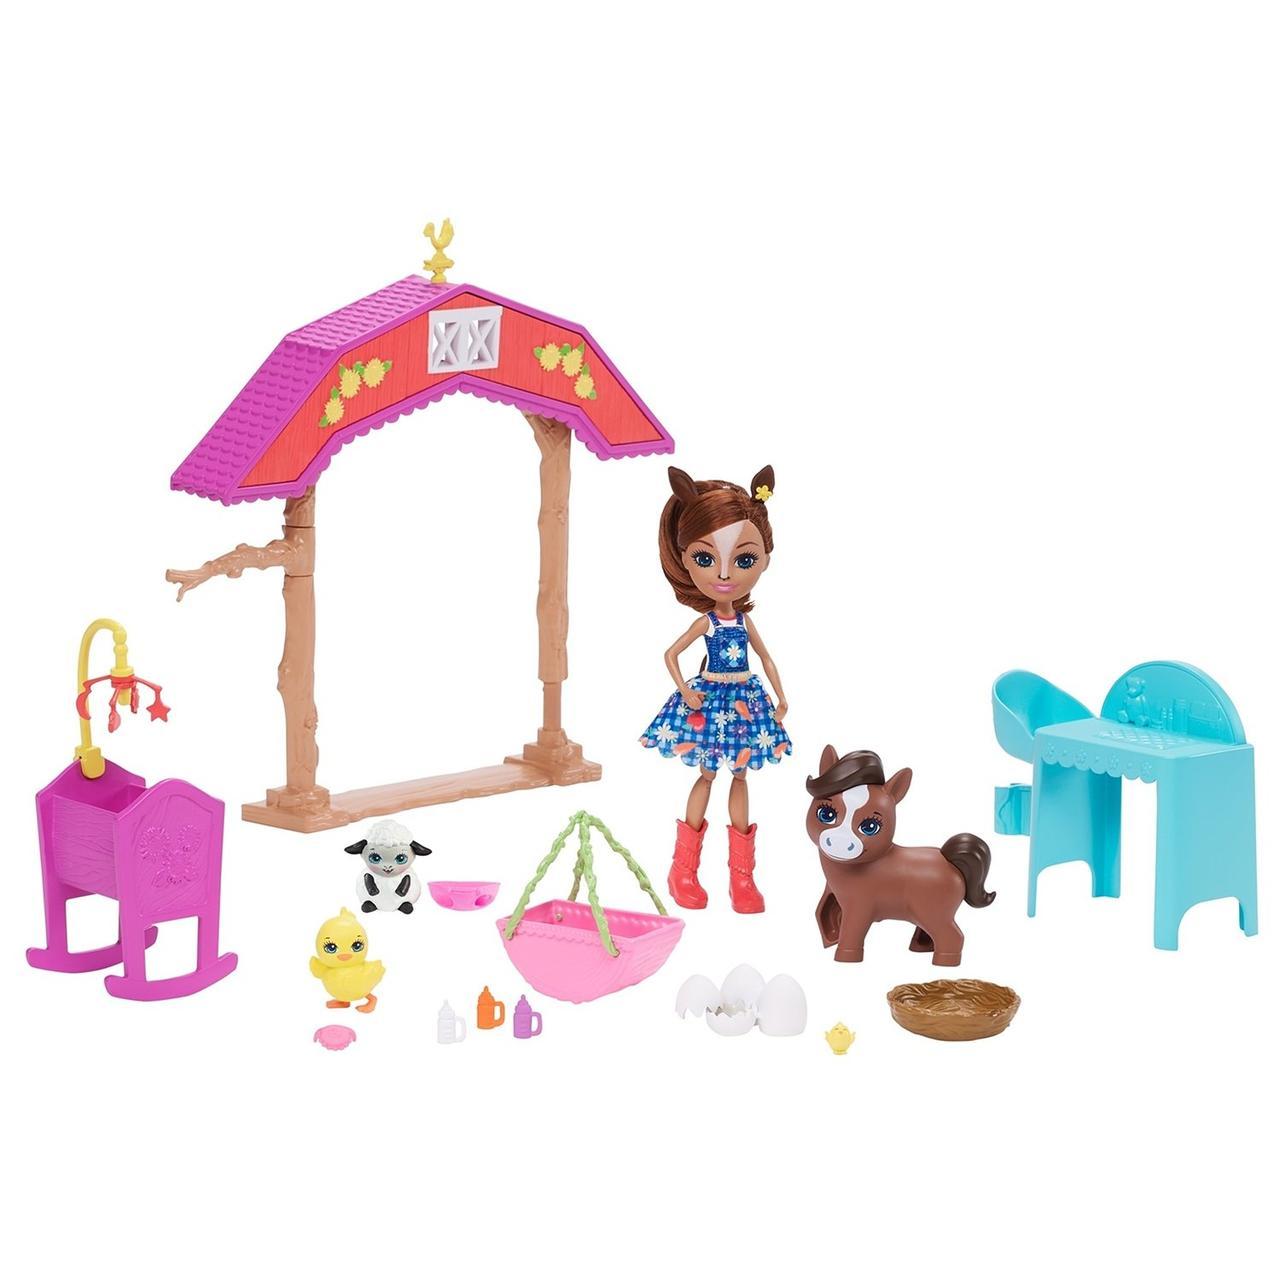 Enchantimals Игровой Набор Энчантималс GJX23 Детский сад для жеребят Хейди Хорс - фото 1